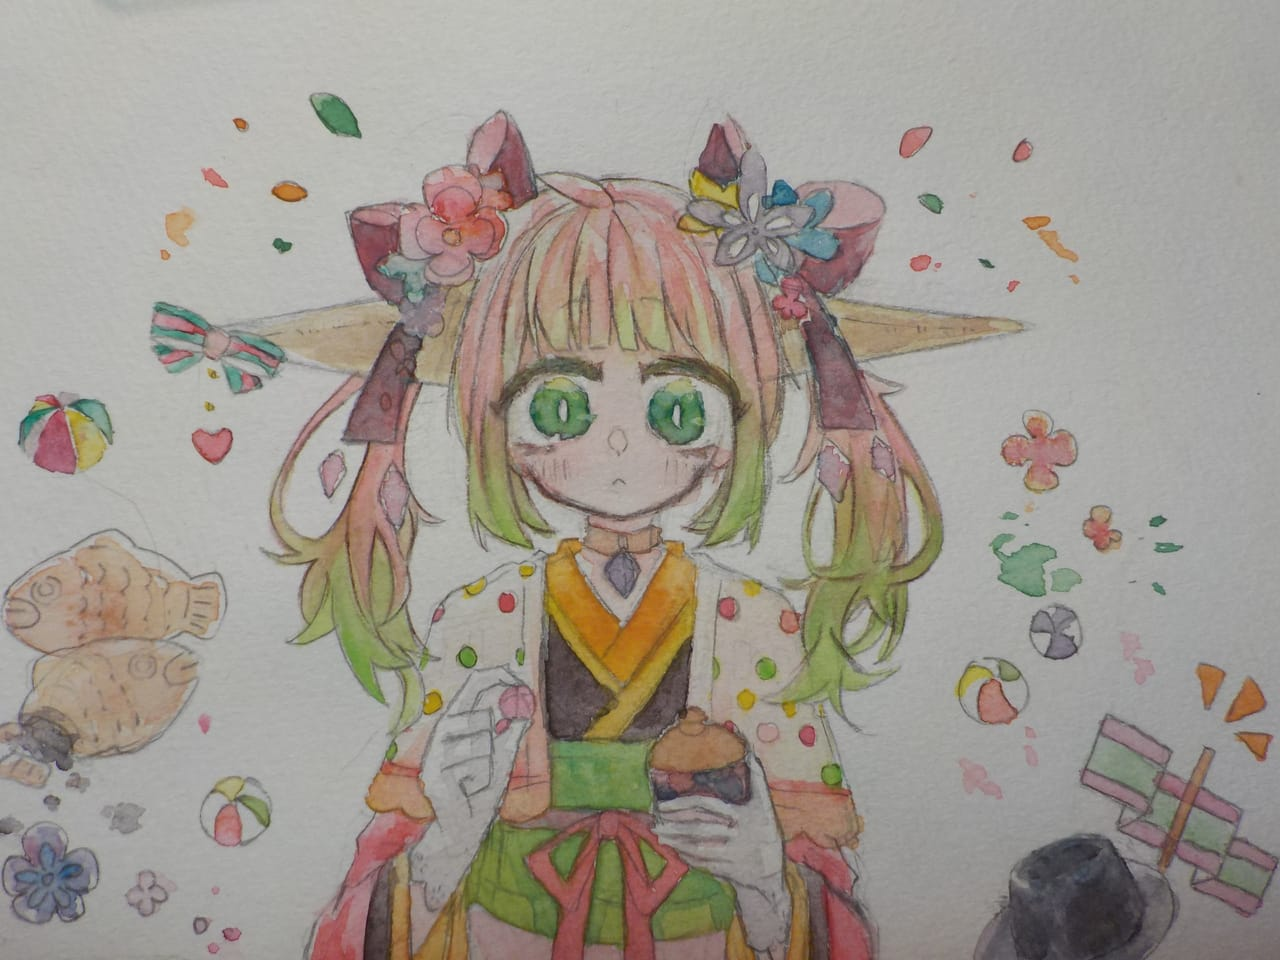 桃と和菓子と子猫の日 Illust of めだまやき#テスト\(^o^)/オワタ アナログ angel kawaii watercolor kimono ひな祭り oc